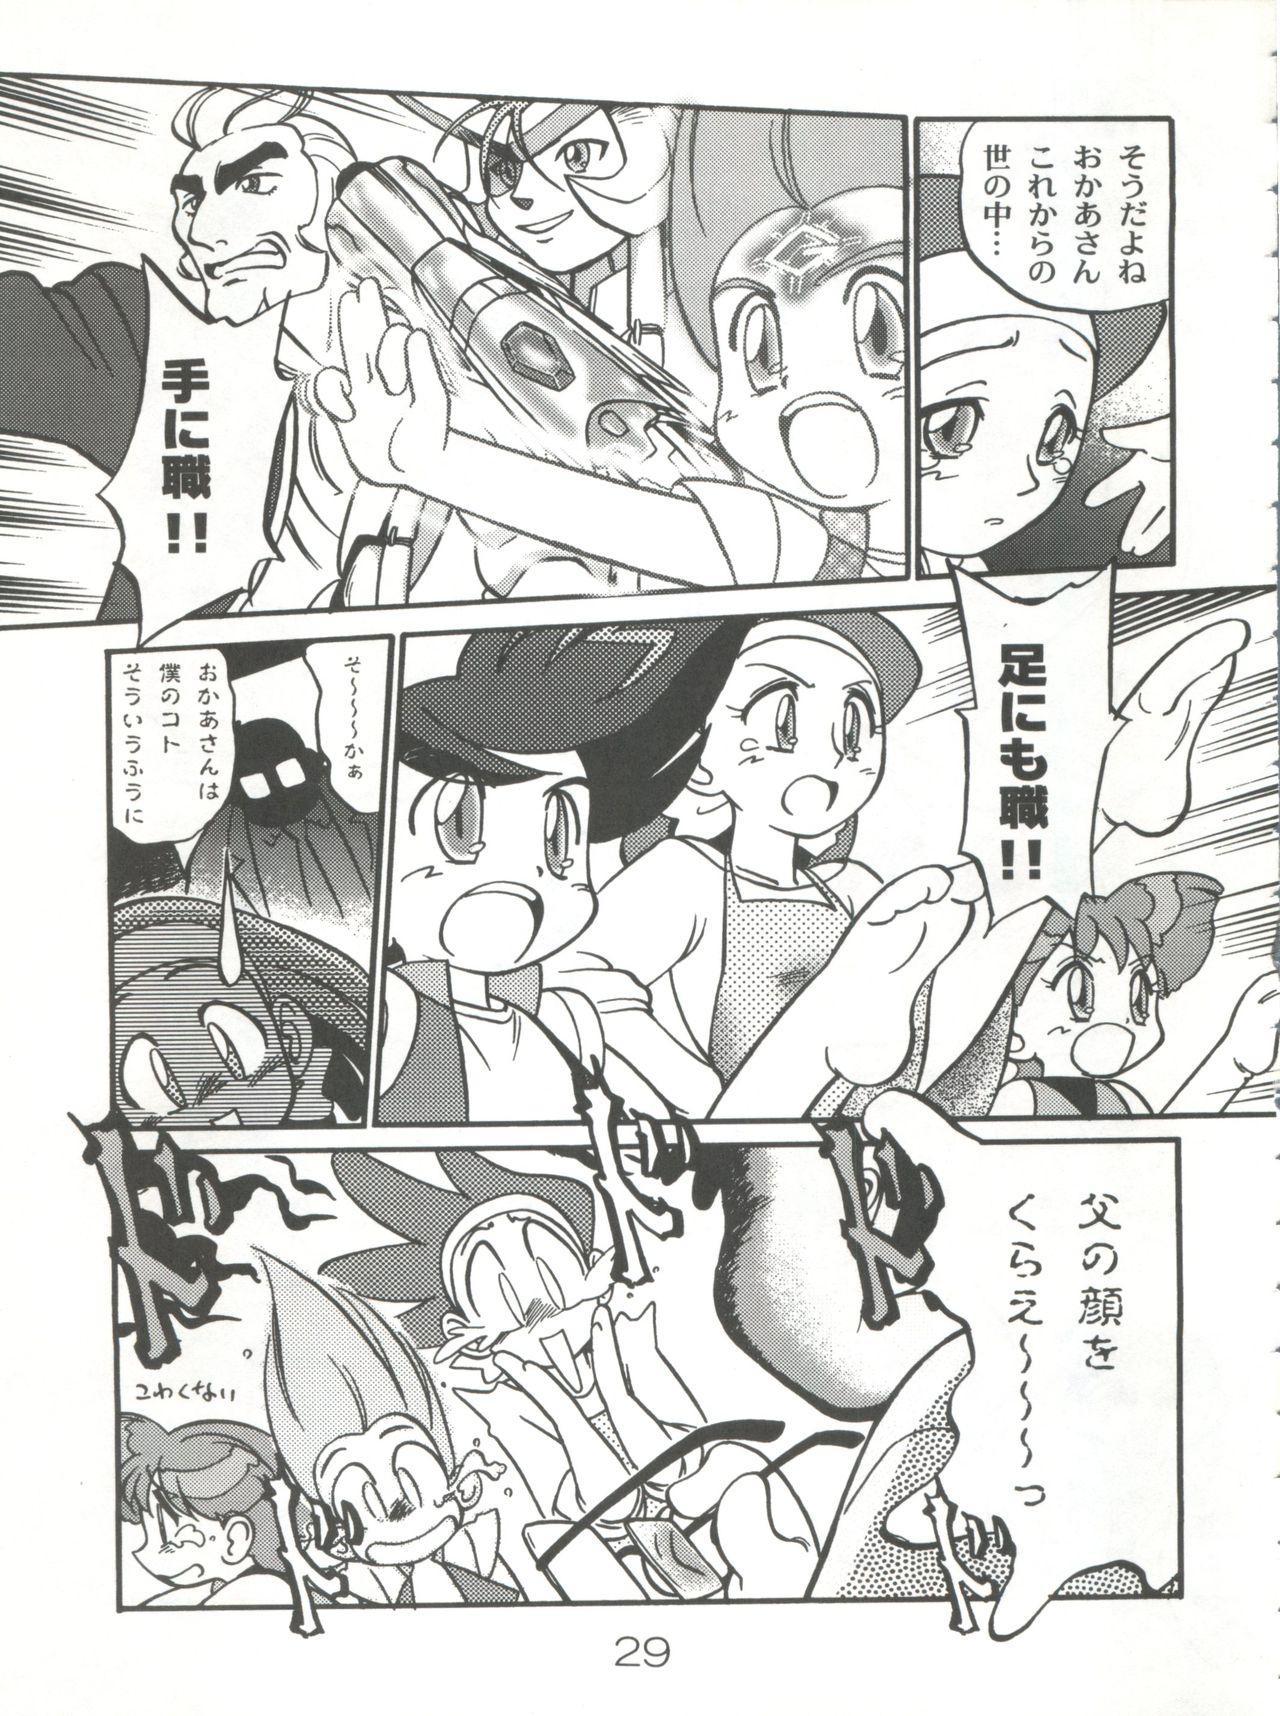 Mahou no Okusuri 27